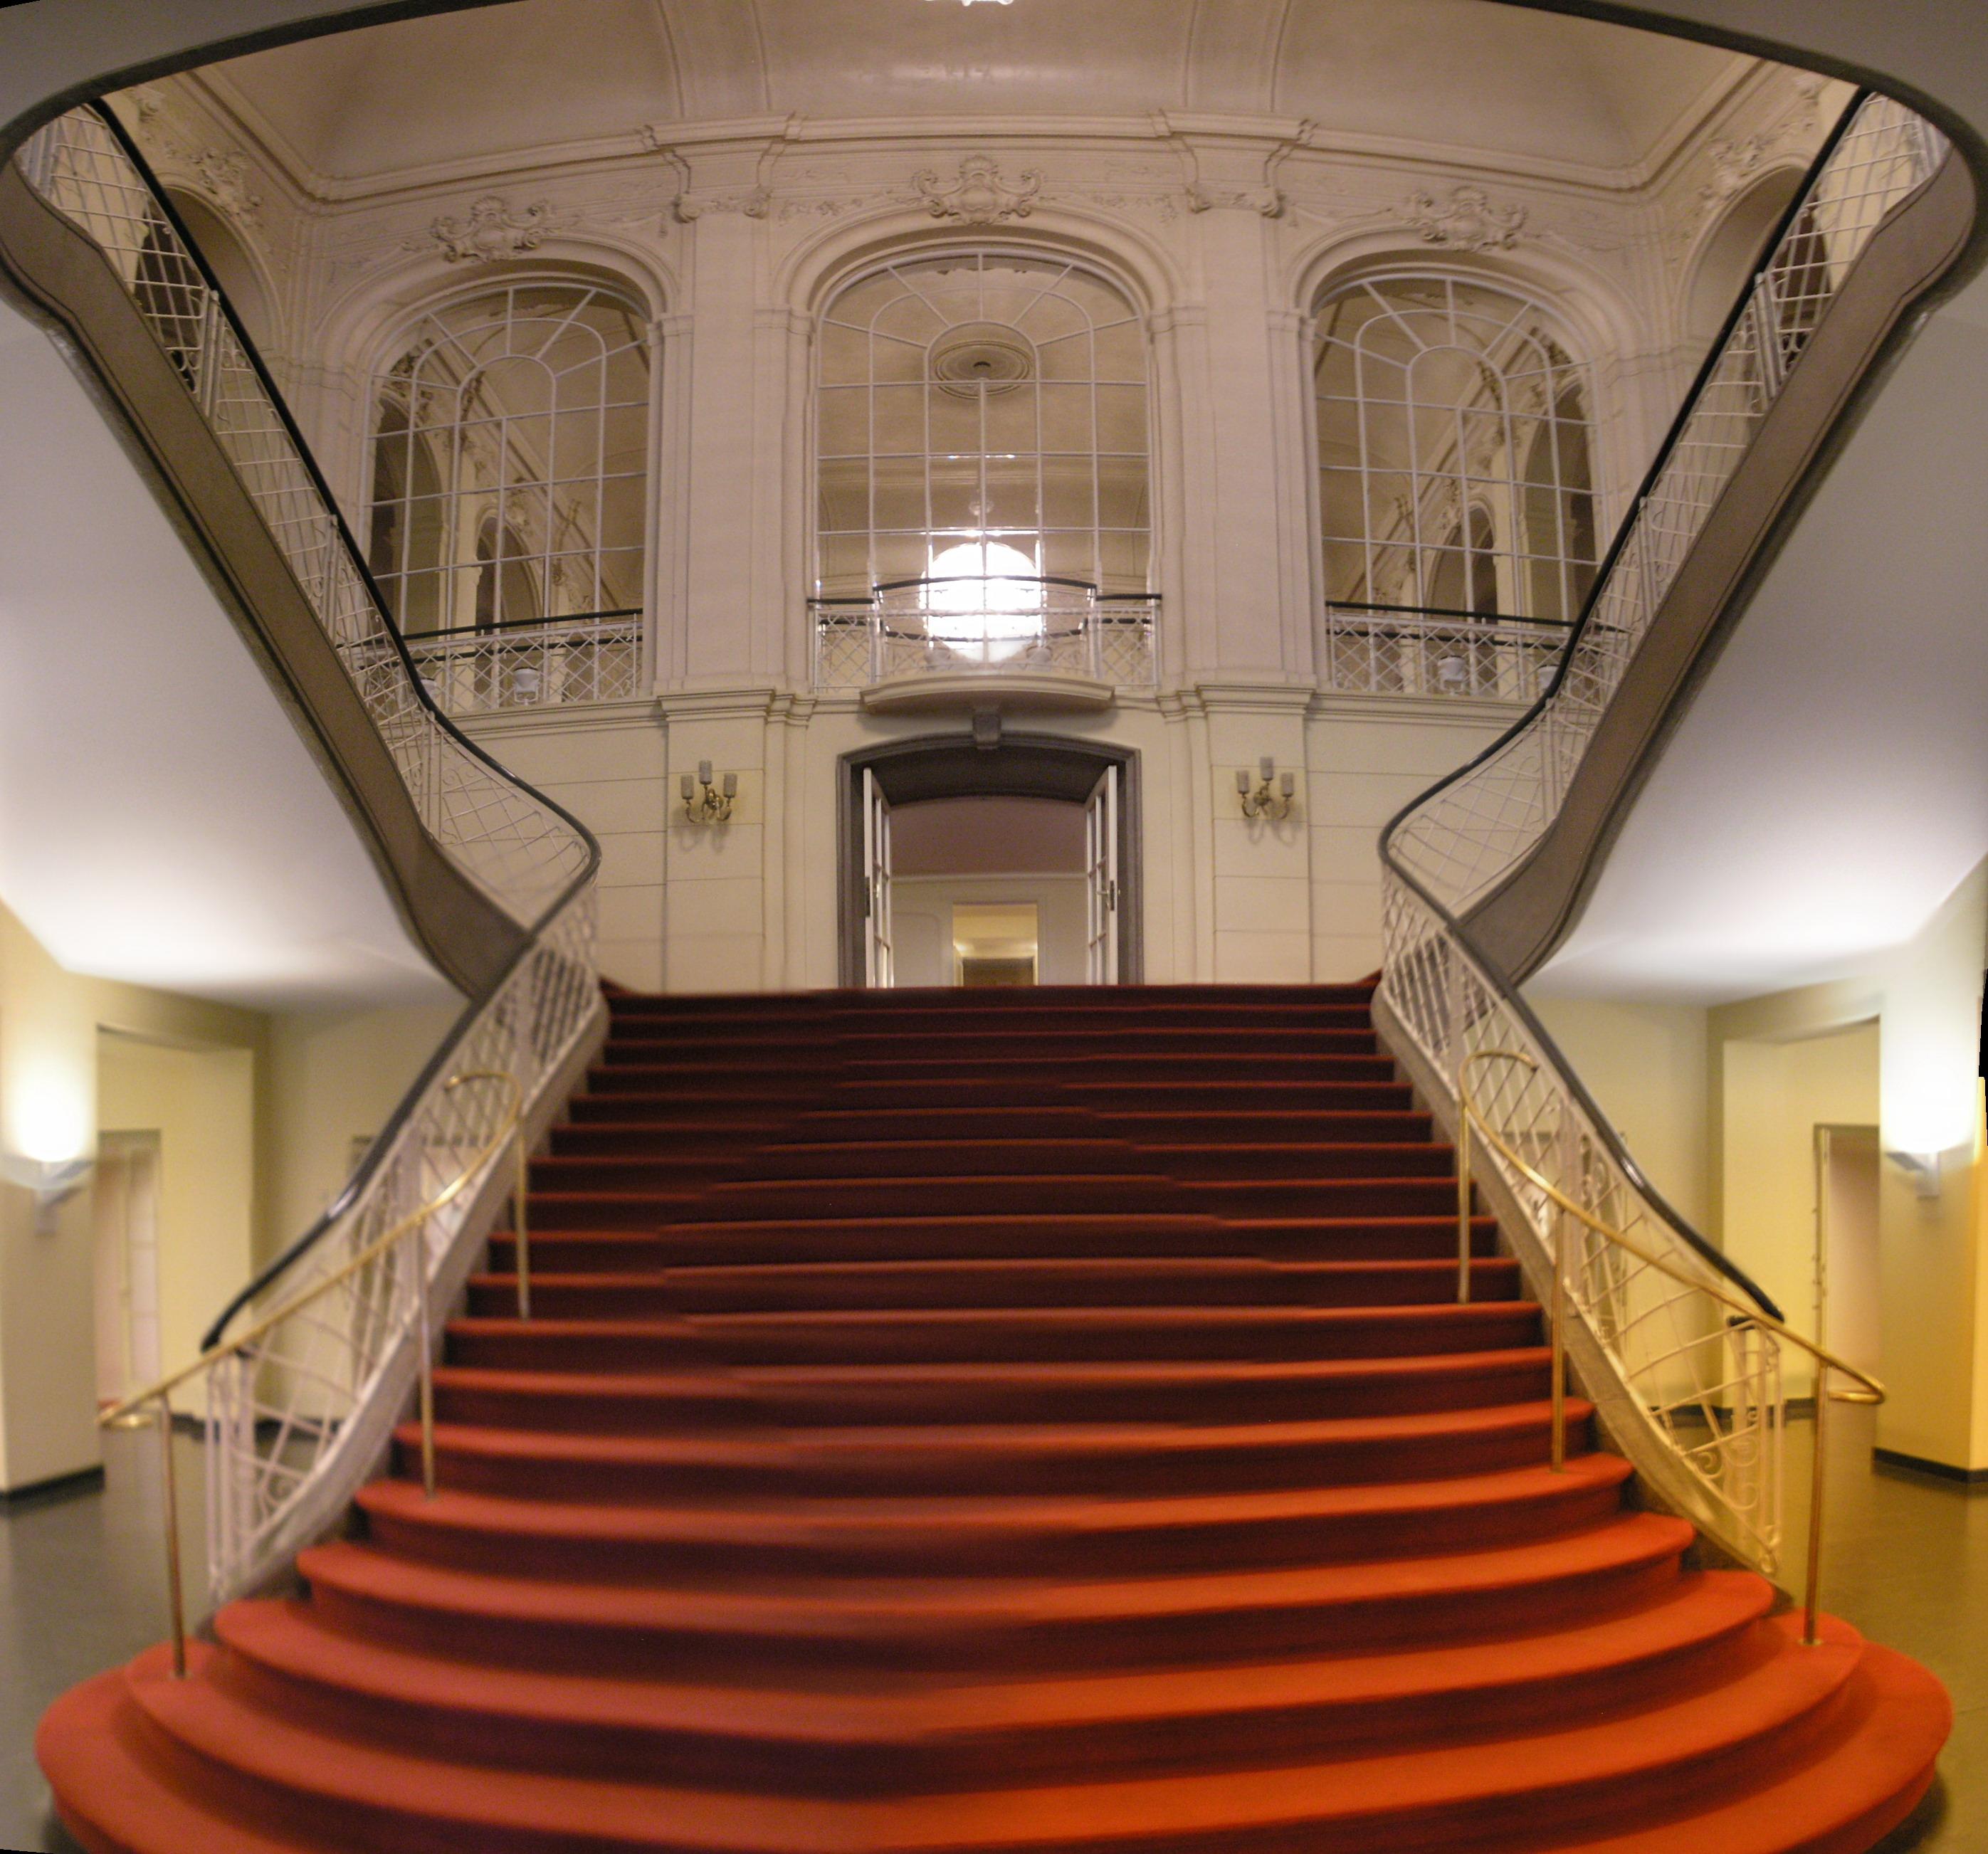 File:Komische Oper Berlin interior Oct 2007 Stairs.jpg - Wikimedia Commons